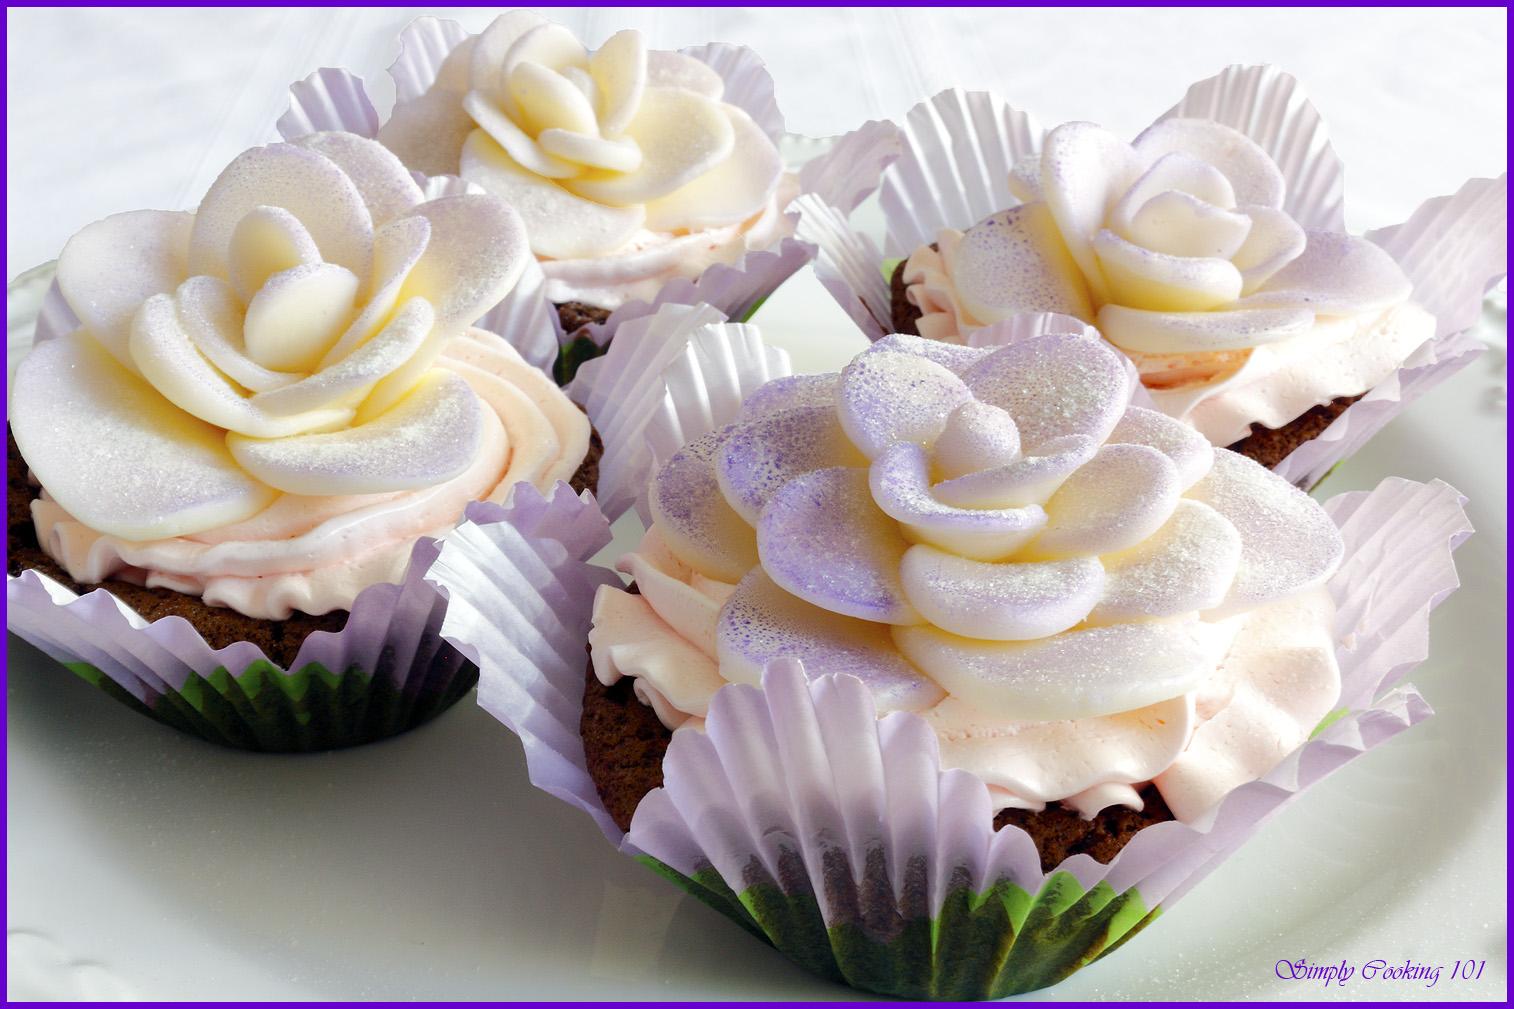 Chocolate Maraschino Cherry Cupcakes with White Chocolate Roses